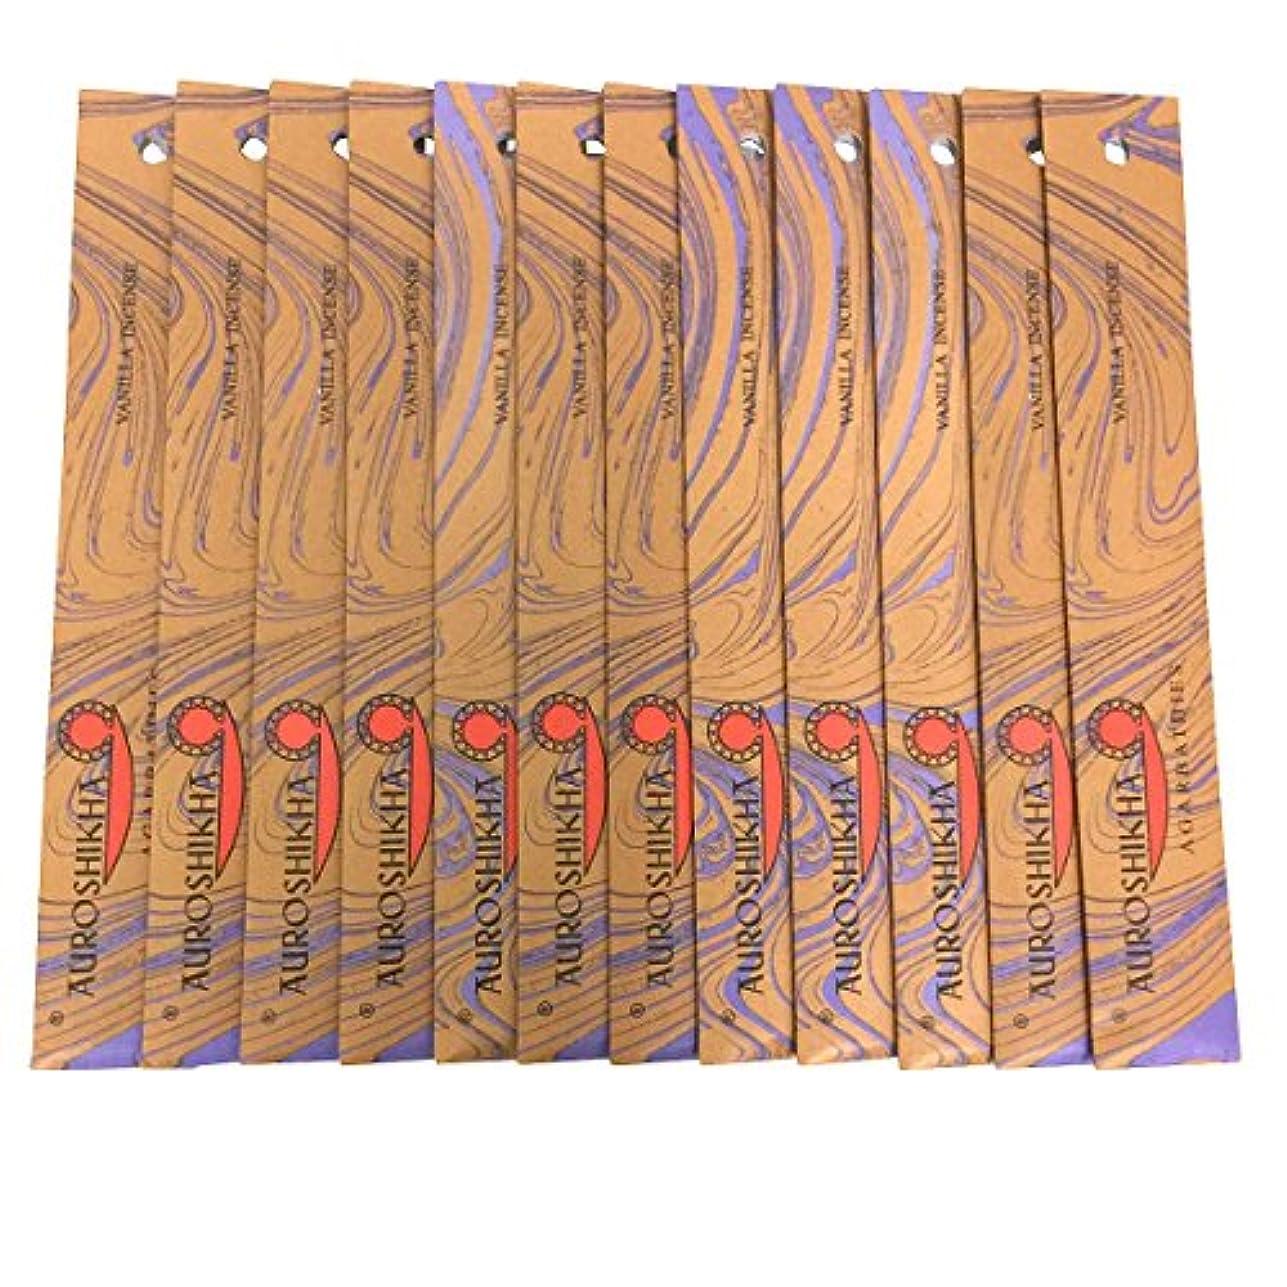 ブラスト旅オーストラリア人AUROSHIKHA オウロシカ(VANILLAバニラ12個セット) マーブルパッケージスティック 送料無料